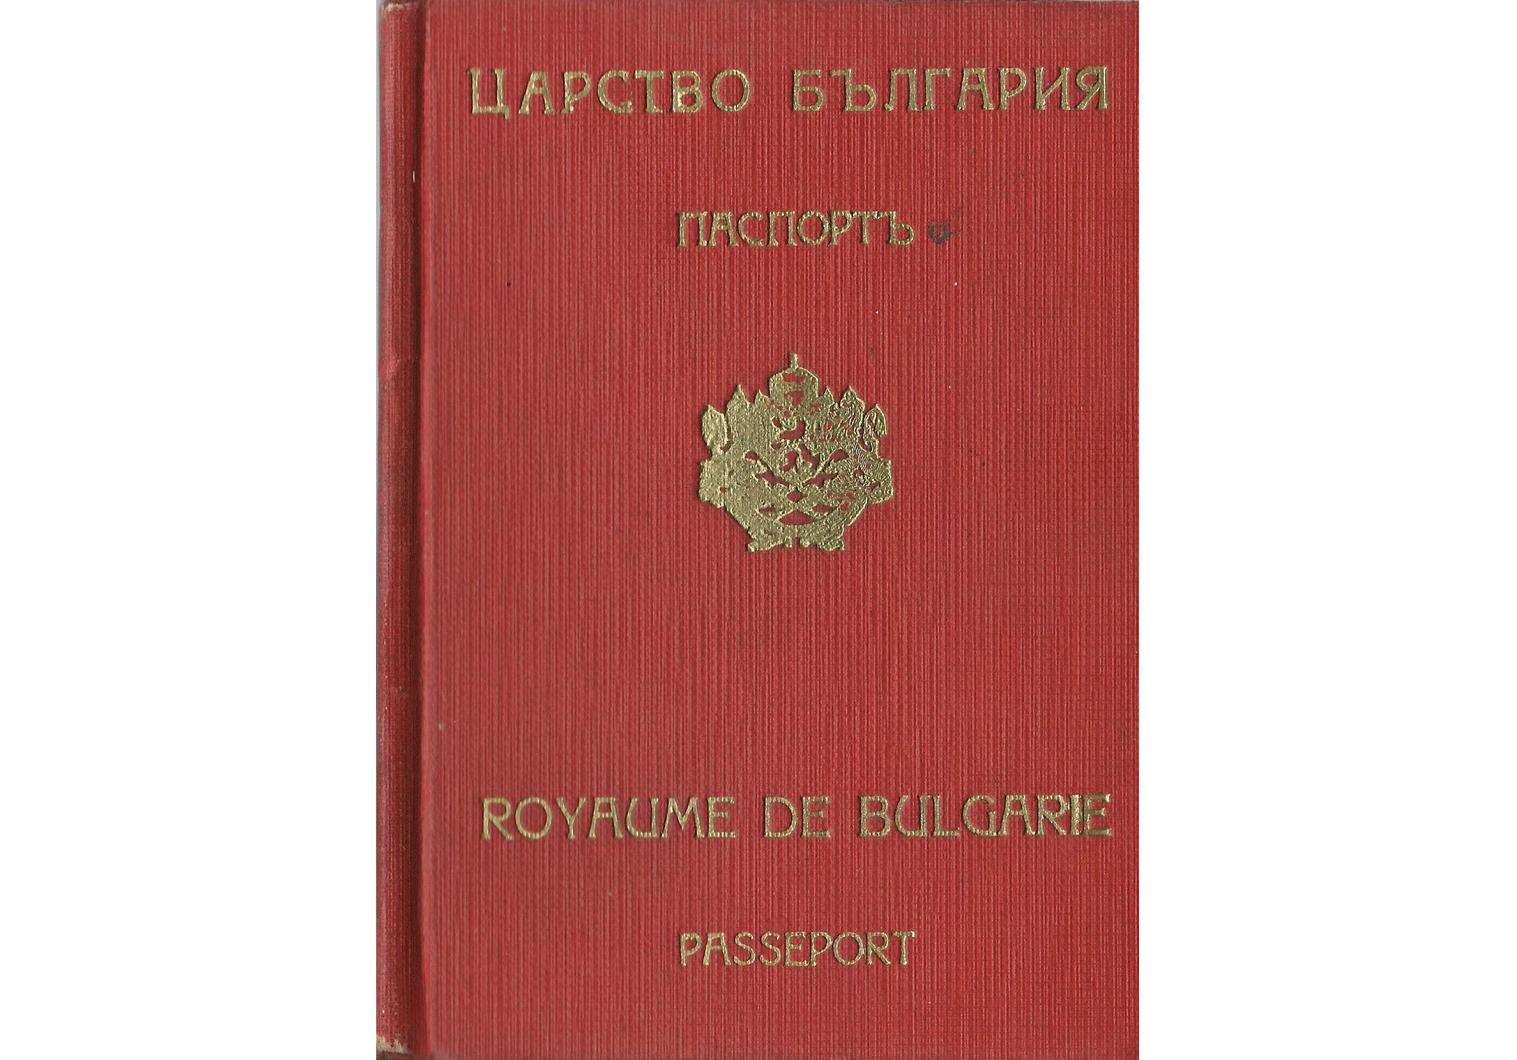 Axis consular passport 1942